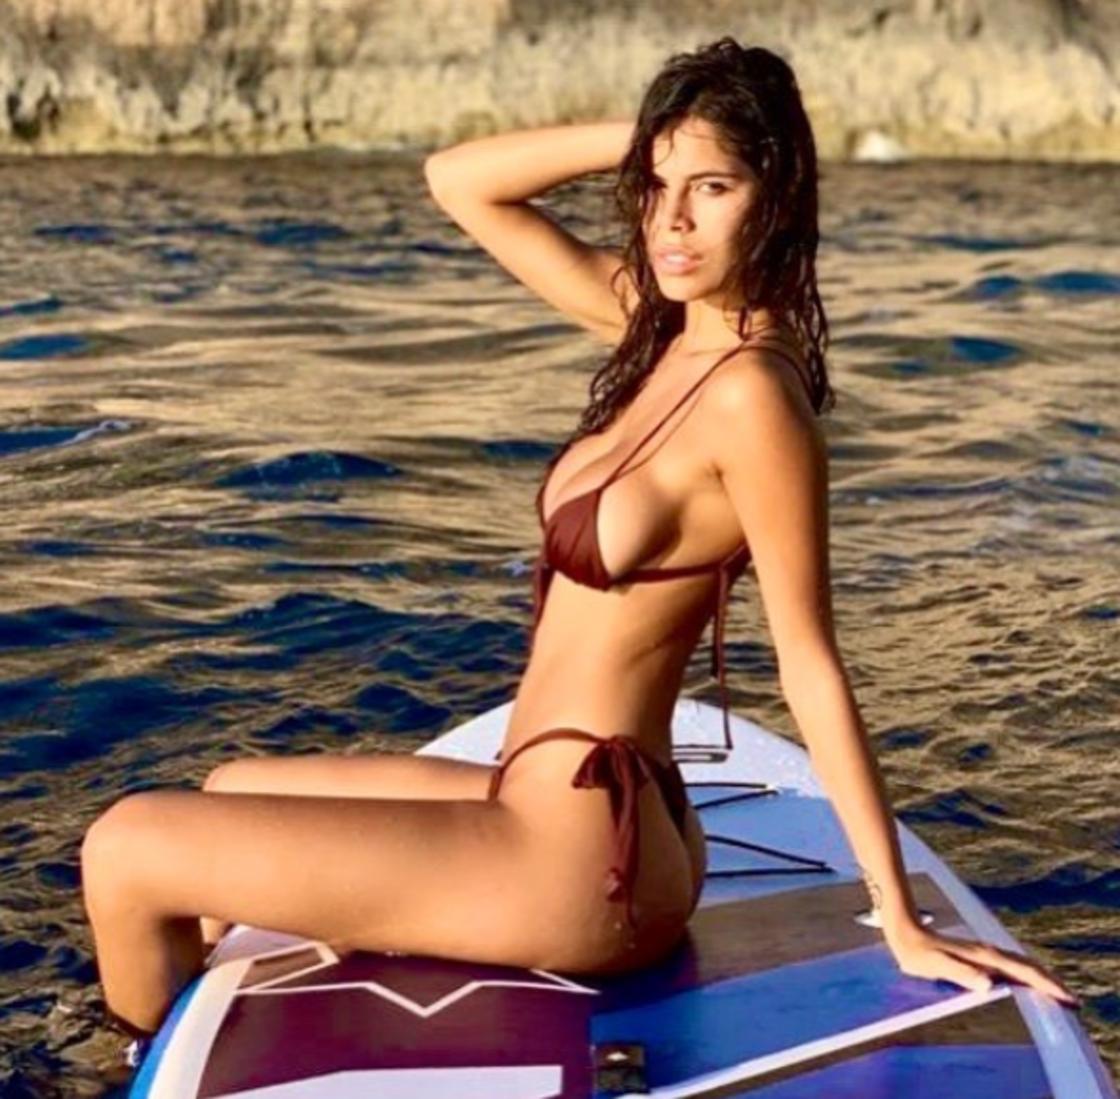 Sara Soldati, modella protagonista dell'ultima edizione del Grande Fratello VIP, un flirt la scorsa estate con Courtois (portiere del Real Madrid), è una grande tifosa della Juventus.